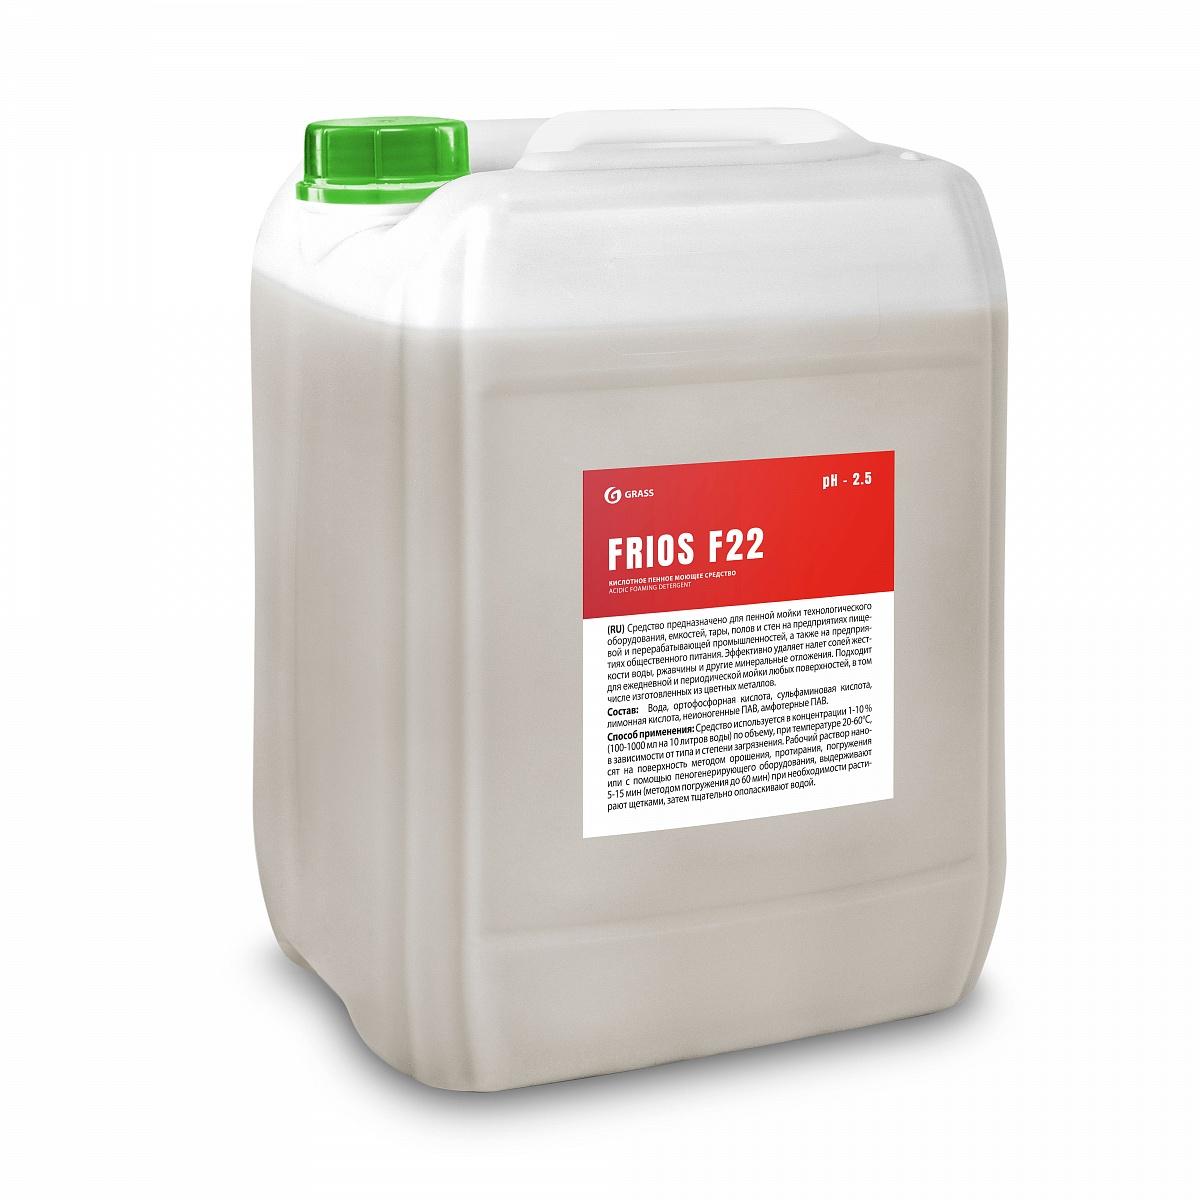 Кислотное пенное моющее средство FRIOS F22 (канистра 19 л)